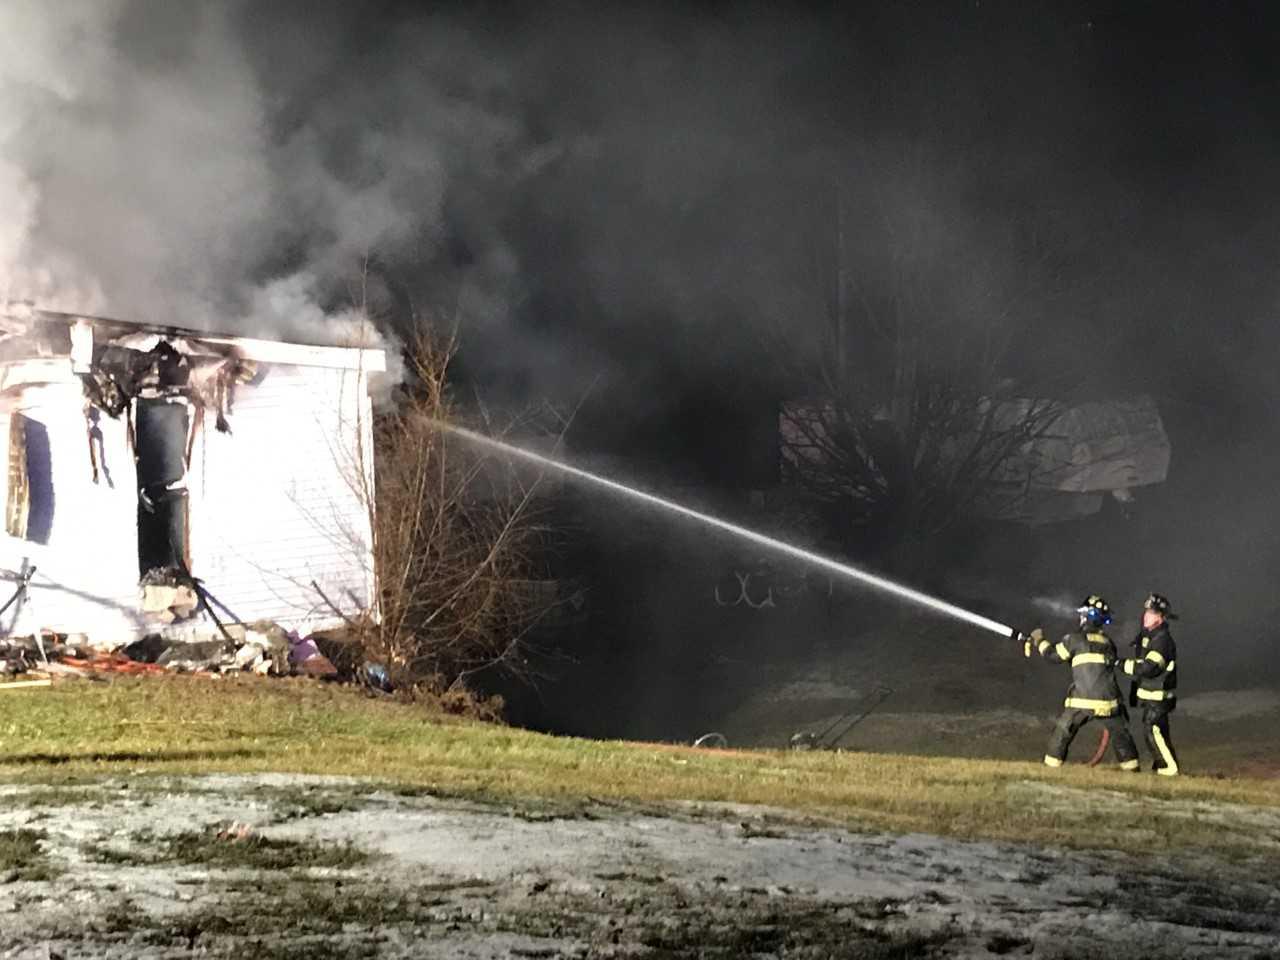 Fire crews battling a house fire in Hannibal